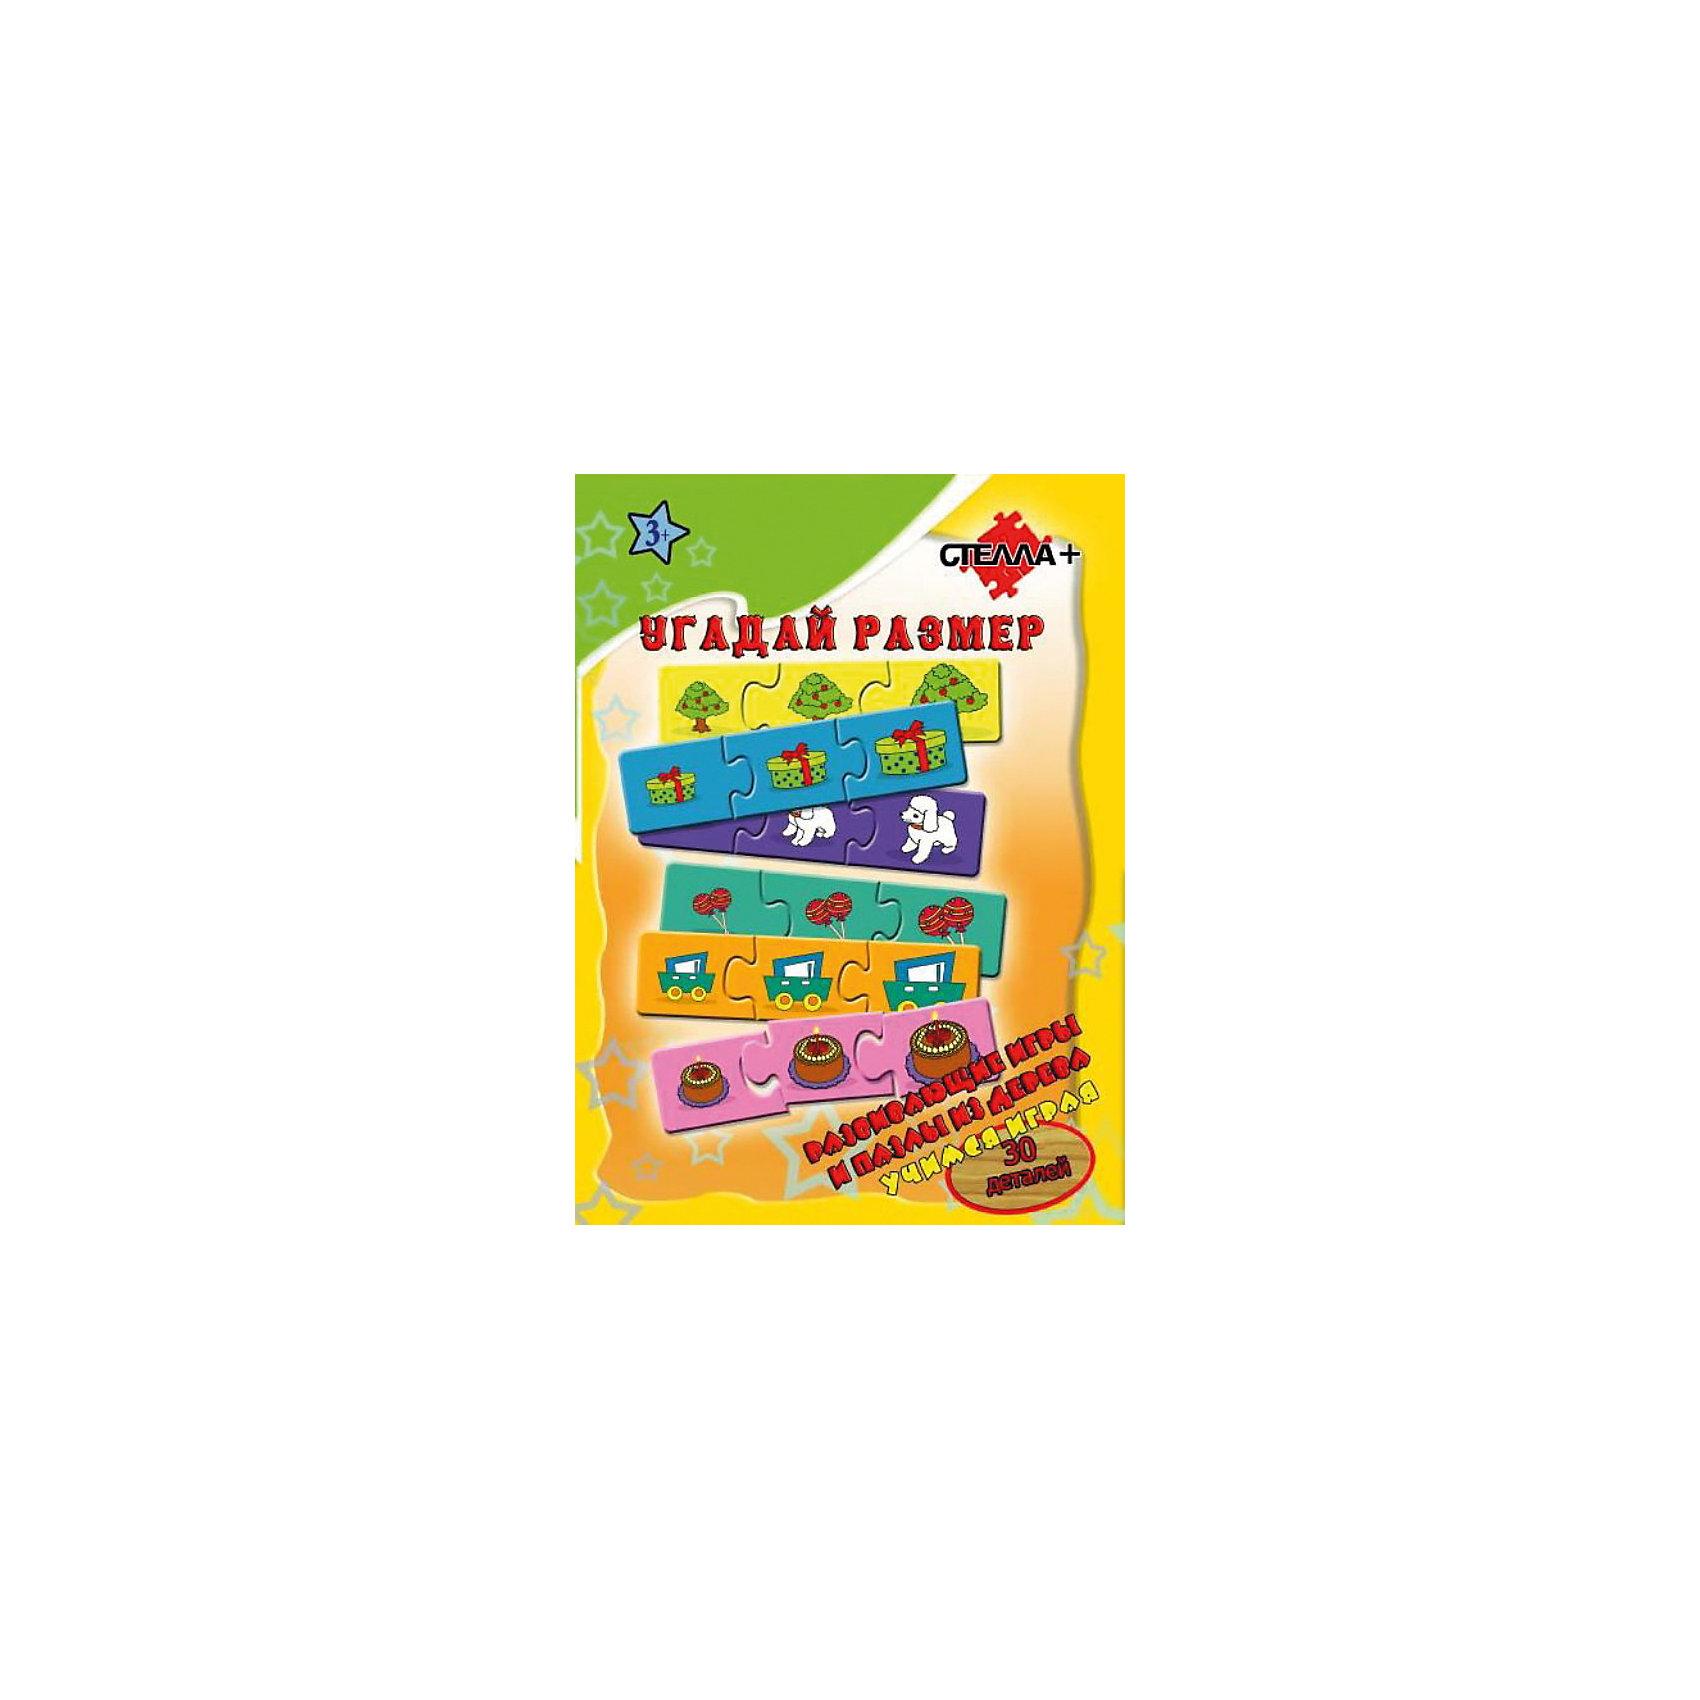 Игра маленькая Угадай размер, СТЕЛЛА+Деревянные игры и пазлы<br>Игра маленькая Угадай размер, СТЕЛЛА+<br><br>Характеристики:<br><br>• научит ребенка распознавать размеры<br>• 10 пазлов из трех деталей<br>• количество деталей: 30<br>• размер упаковки: 22х16х4,5 см<br>• вес: 340 грамм<br>• материал: дерево<br><br>Угадай размер - деревянный пазл, с помощью которого малыш научится отличать большое, среднее и маленькое. Каждый пазл состоит из трех деталей. Детали нужно соединить по порядку от маленького к большому. Яркие картинки, знакомые каждому понравятся крохе и он обязательно проявит интерес к игре. Игрушка изготовлена из дерева и отвечает всем требованиям безопасности. С этими пазлами ваш малыш проведет время с пользой!<br><br>Игру маленькую Угадай размер, СТЕЛЛА+ вы можете купить в нашем интернет-магазине.<br><br>Ширина мм: 220<br>Глубина мм: 160<br>Высота мм: 45<br>Вес г: 340<br>Возраст от месяцев: 36<br>Возраст до месяцев: 48<br>Пол: Унисекс<br>Возраст: Детский<br>SKU: 2328297